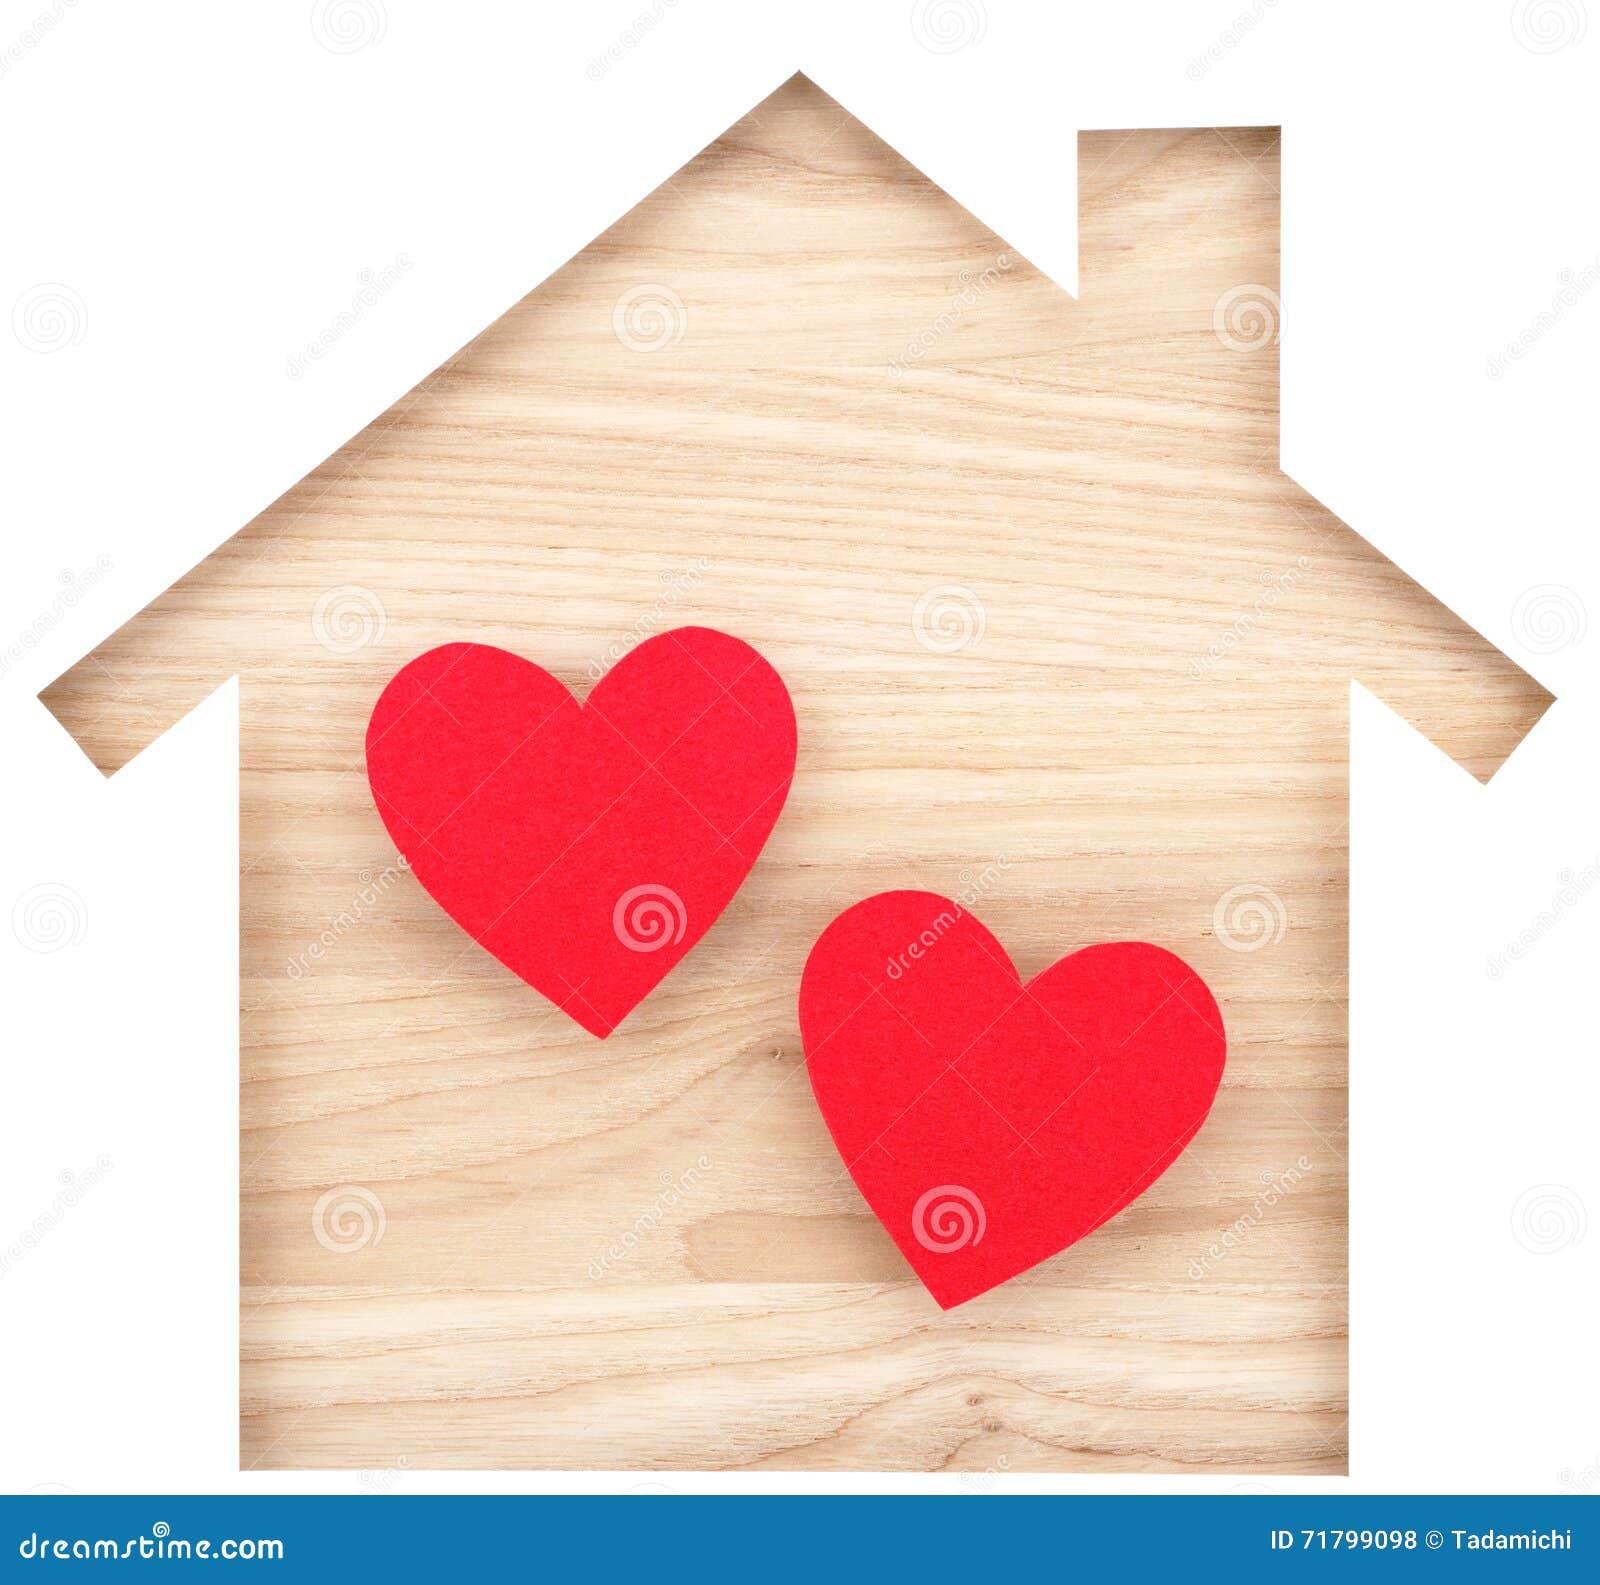 Contenga el recorte de papel formado y dos corazones en la madera de construcción de madera natural